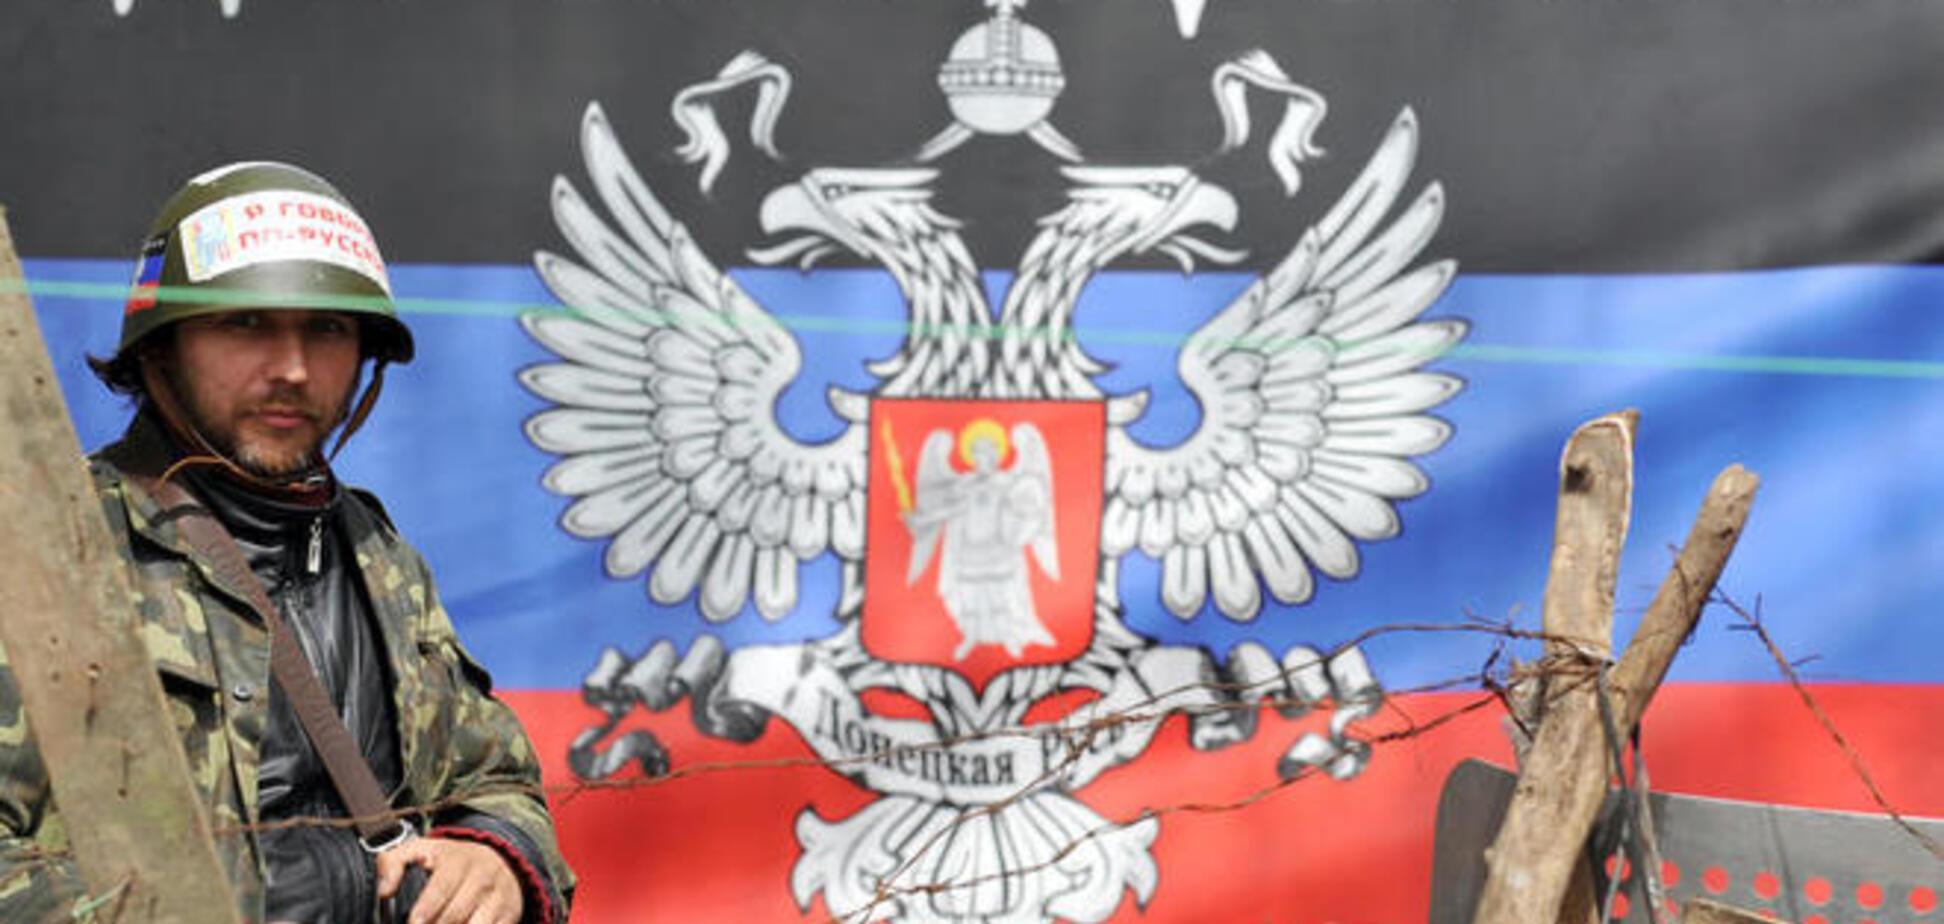 'ДНР' пообещала блокировать выборы 25 мая на Донбассе